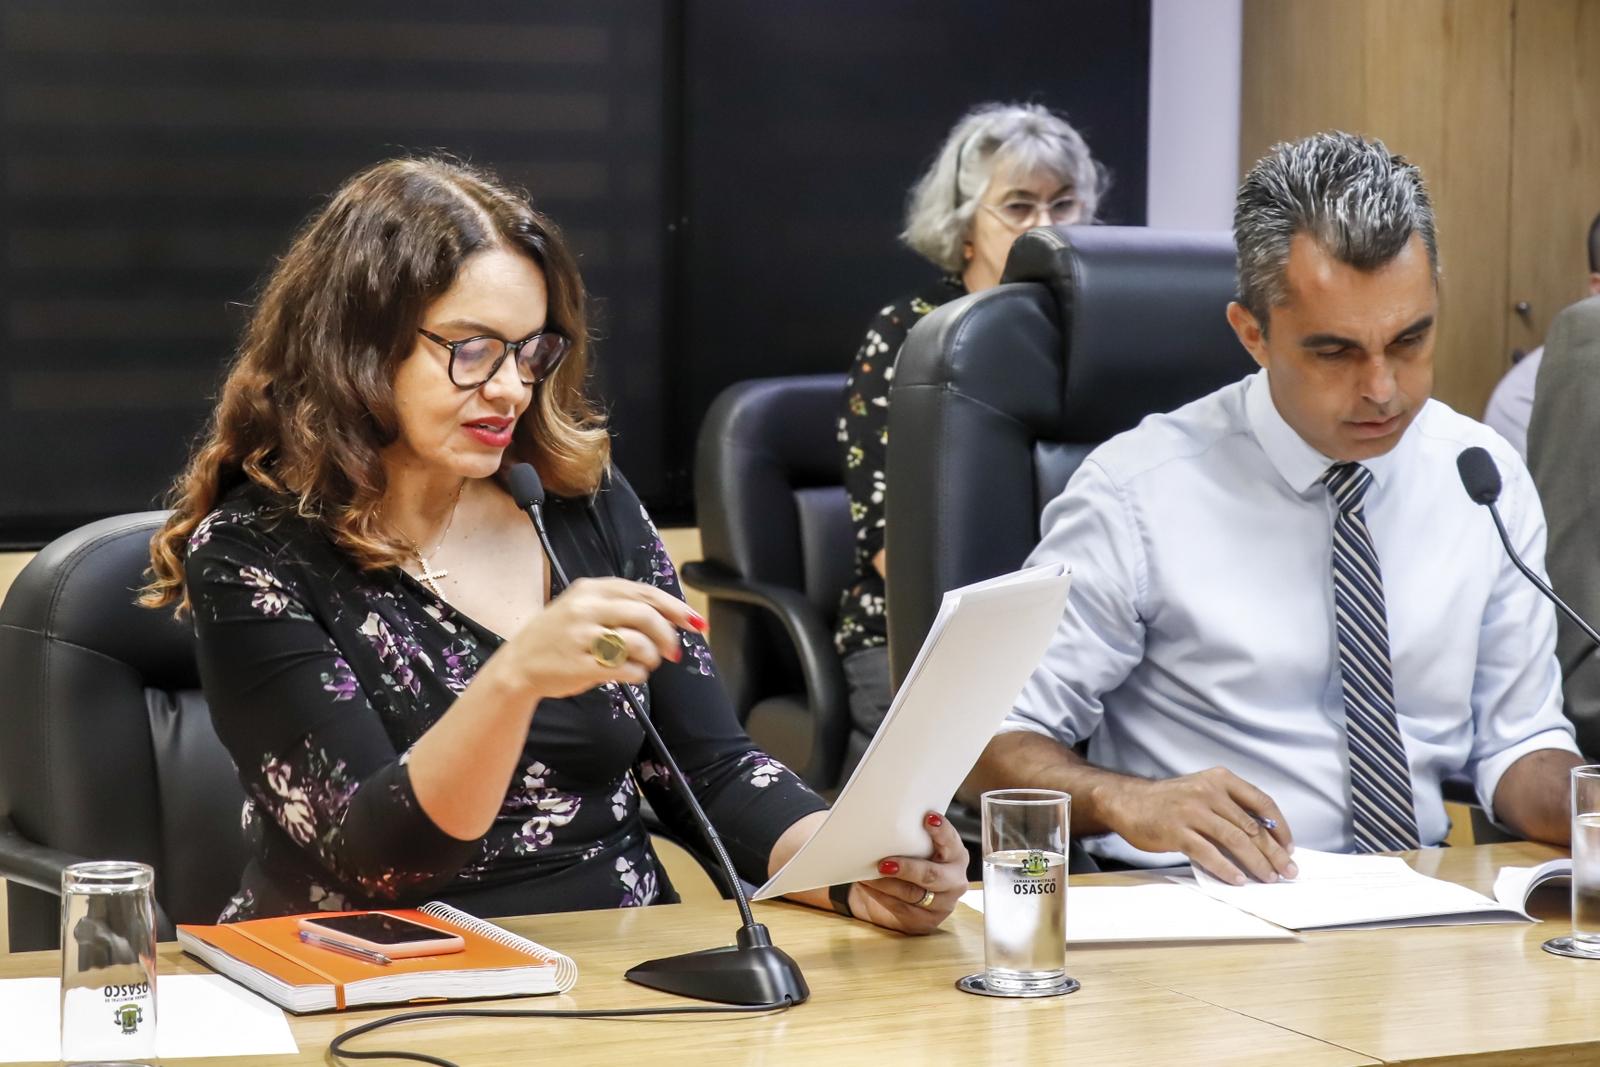 Audiência Pública Finanças-3 Quadrimestre 2019 (2).jpg